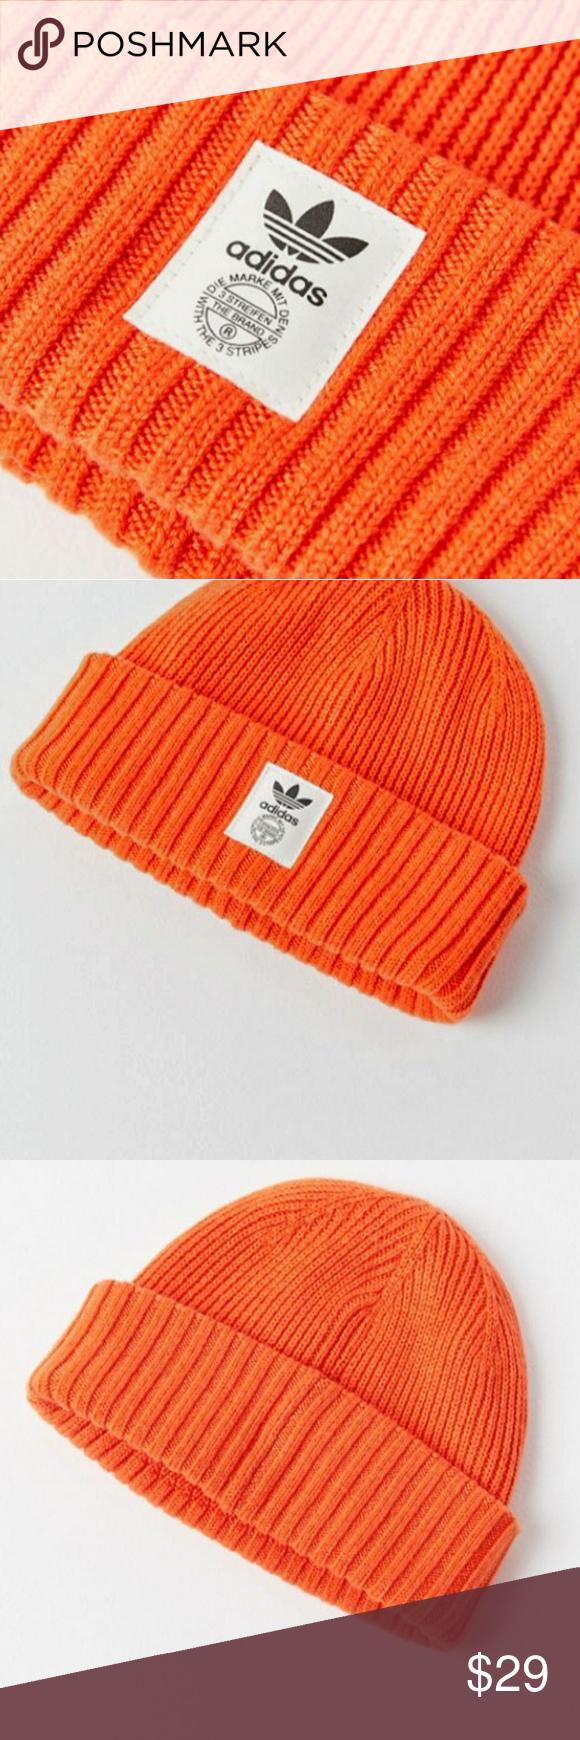 432aeb8e4 Adidas Originals Orange & Off-White Beanie WITH THE 3 STRIPES ...